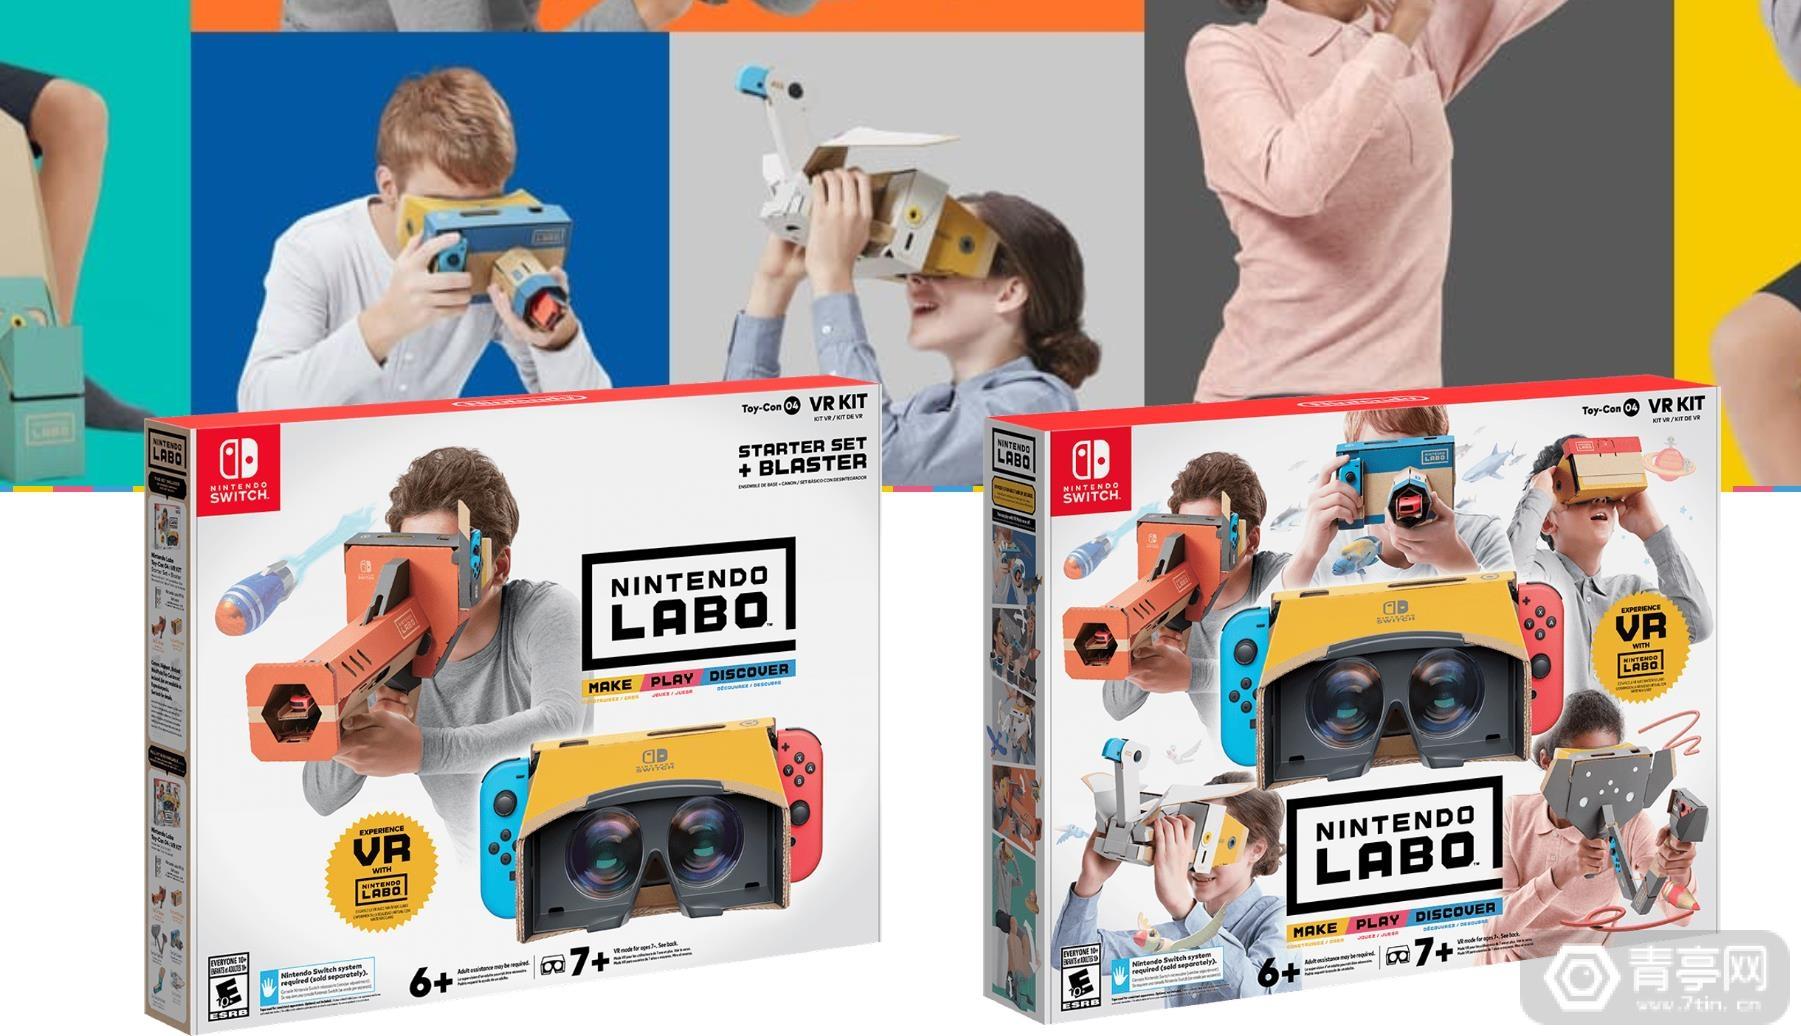 任天堂Labo VR套件发布,6种玩法全新升级